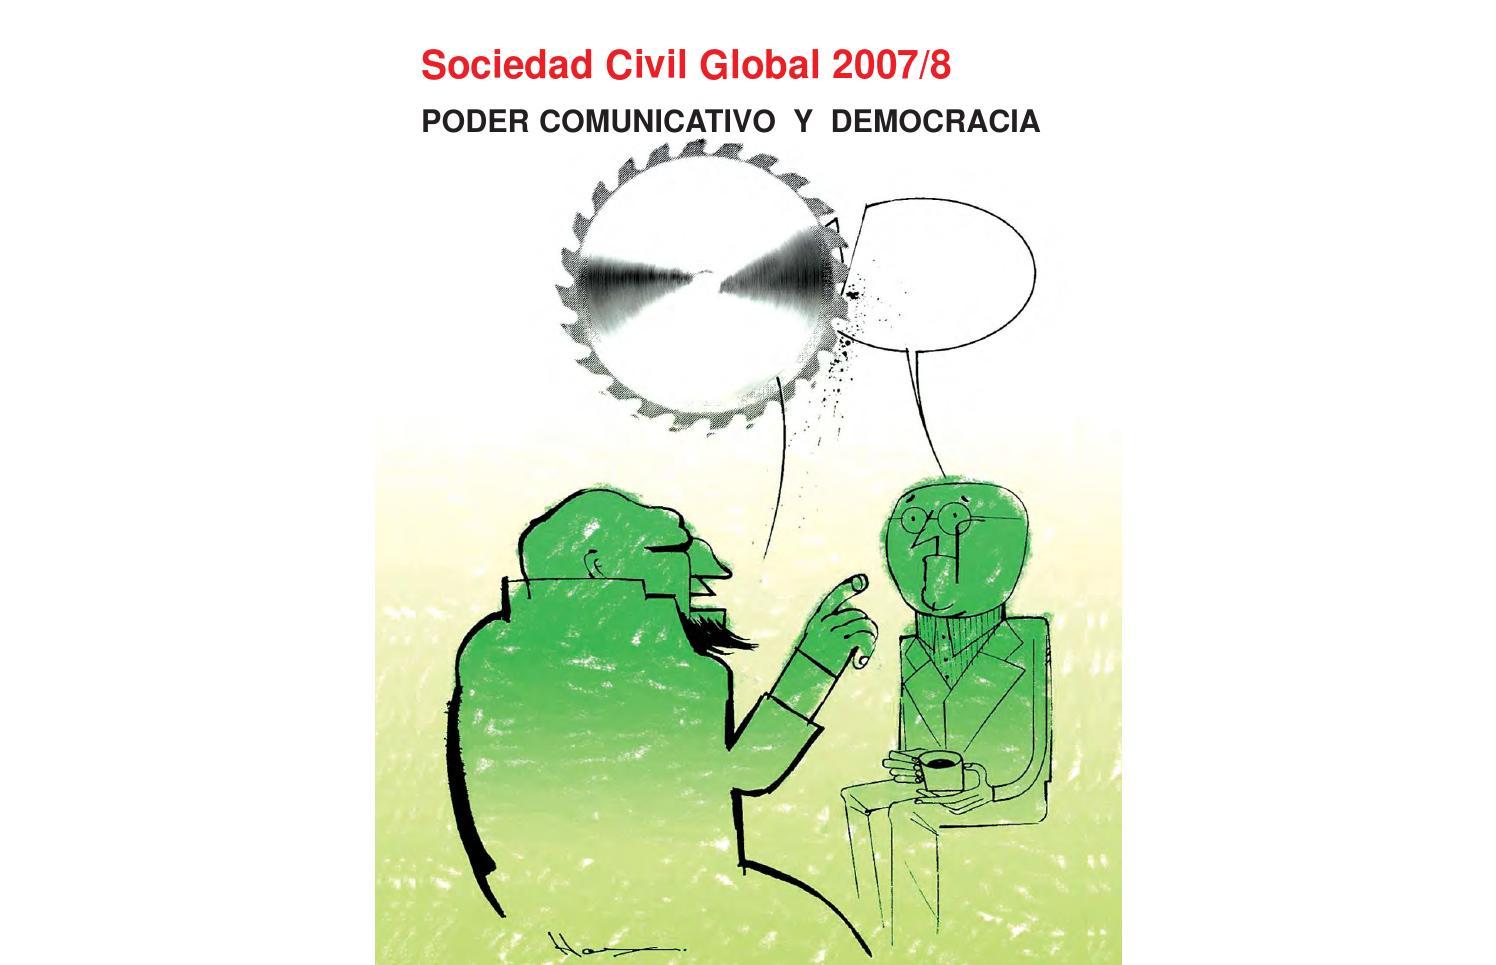 asociación contra los panfletos de enmienda de prohibición sobre diabetes